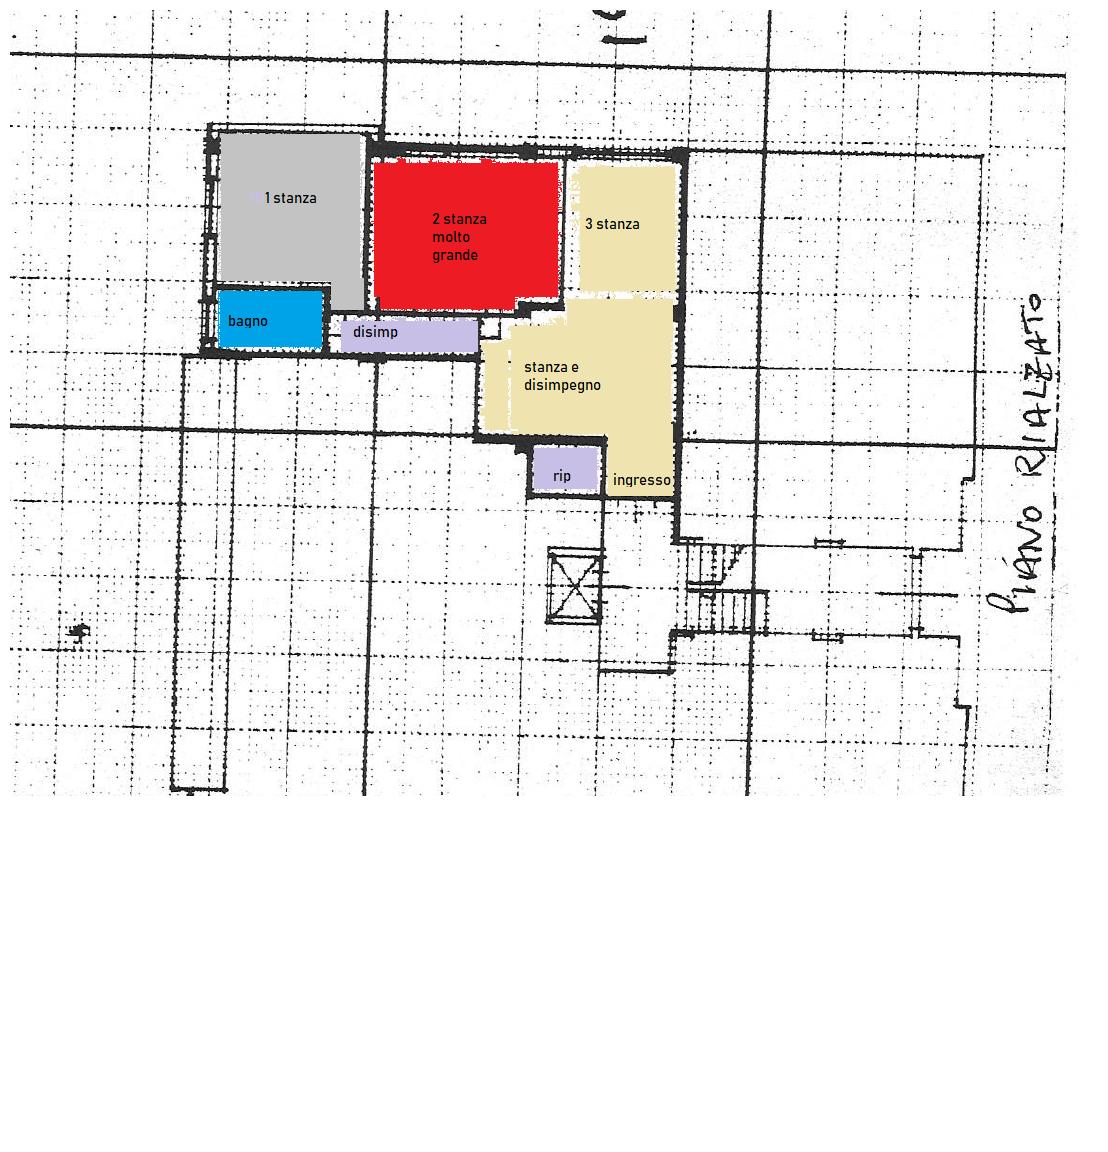 Ufficio in affitto commerciale a Carrara (MS)